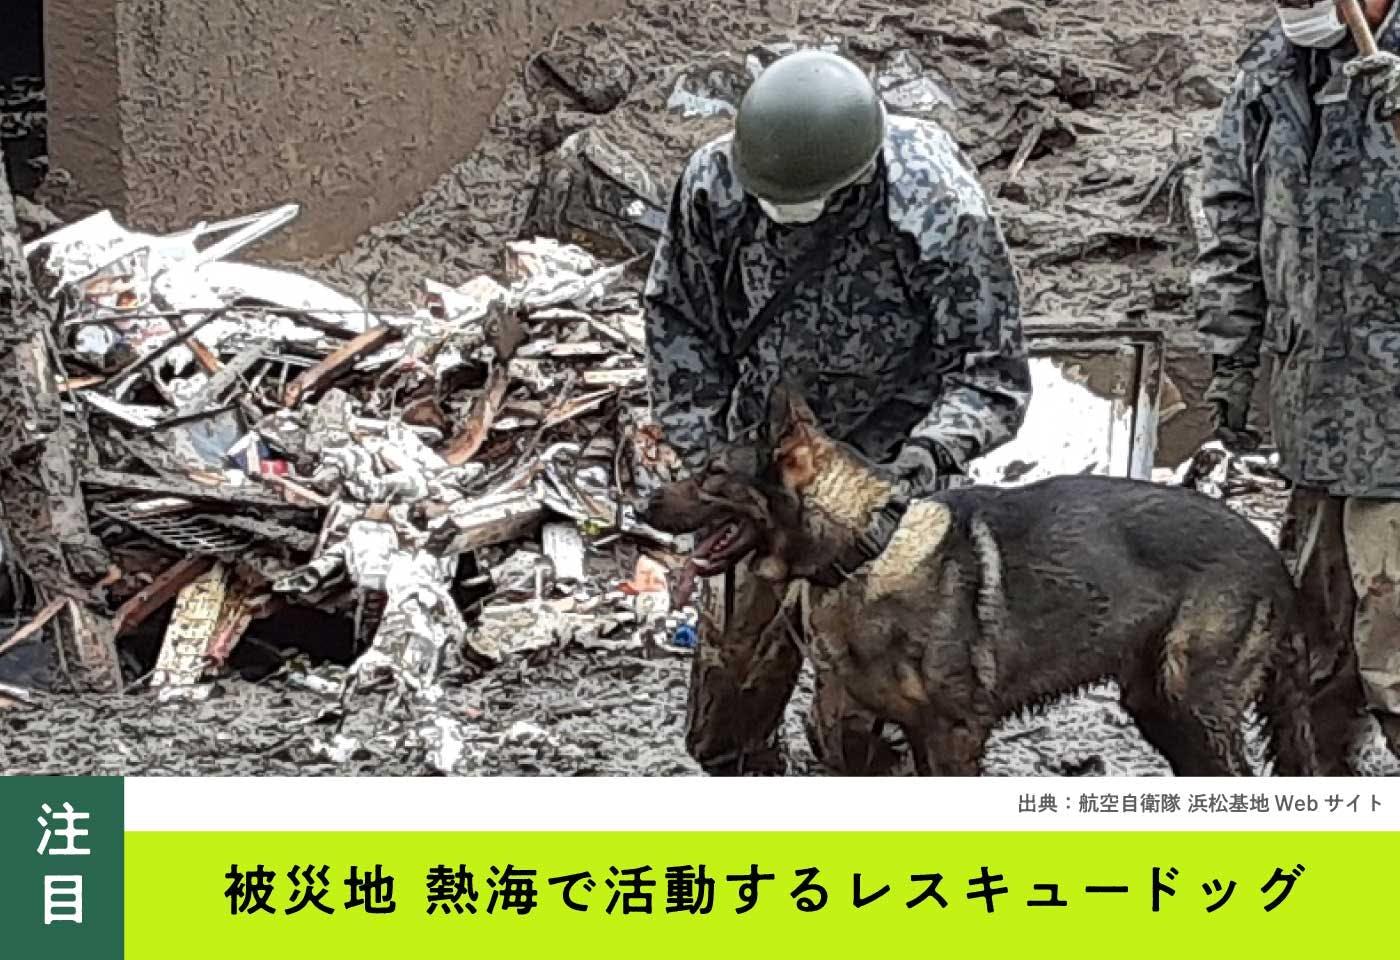 【災害救助犬】被災地・熱海の最前線で活動するレスキュードッグの姿